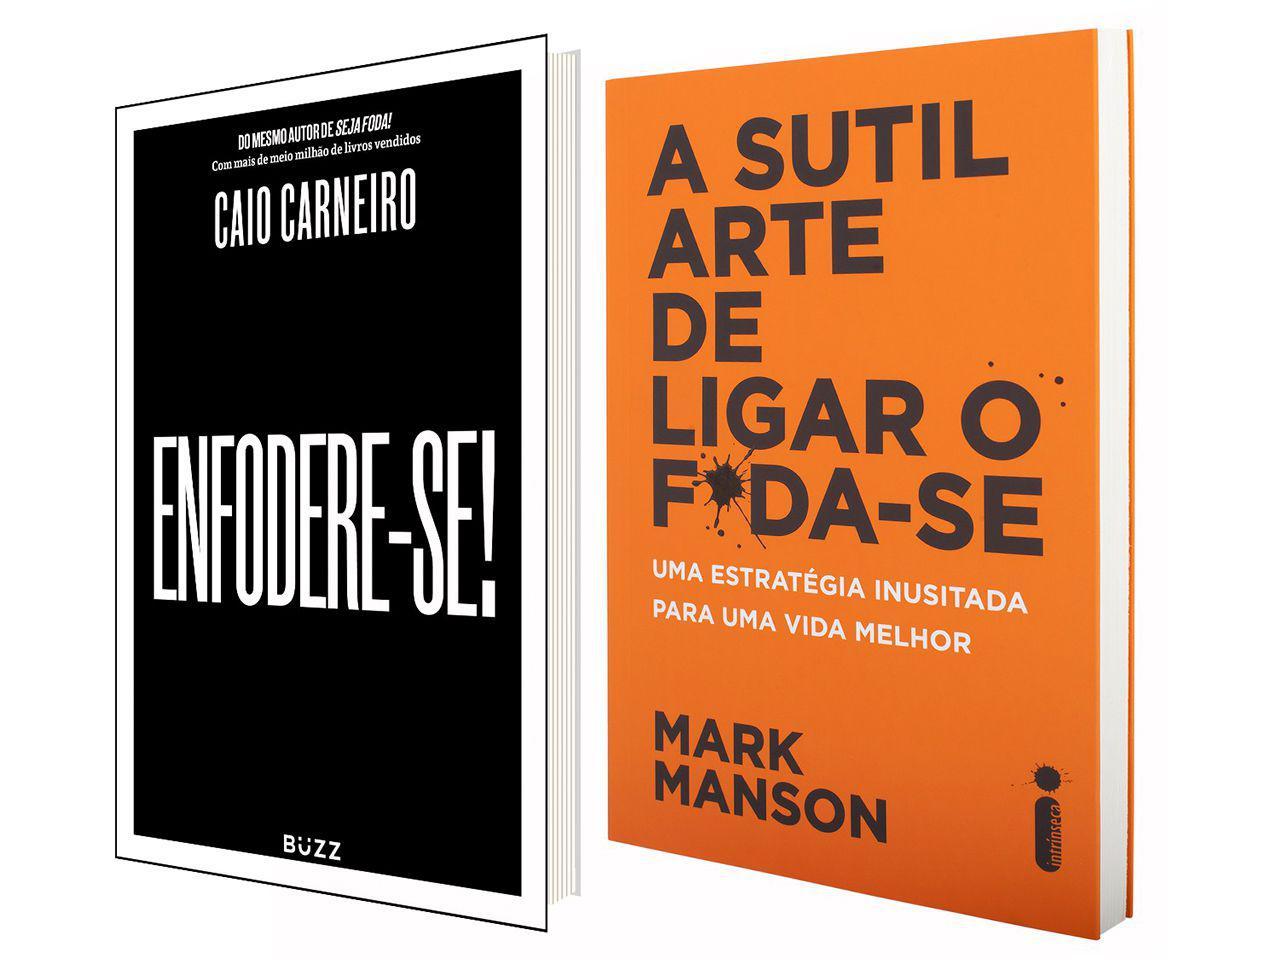 Kit Livros - A Sutil Arte de Ligar o F*da-se + Enfodere-se!